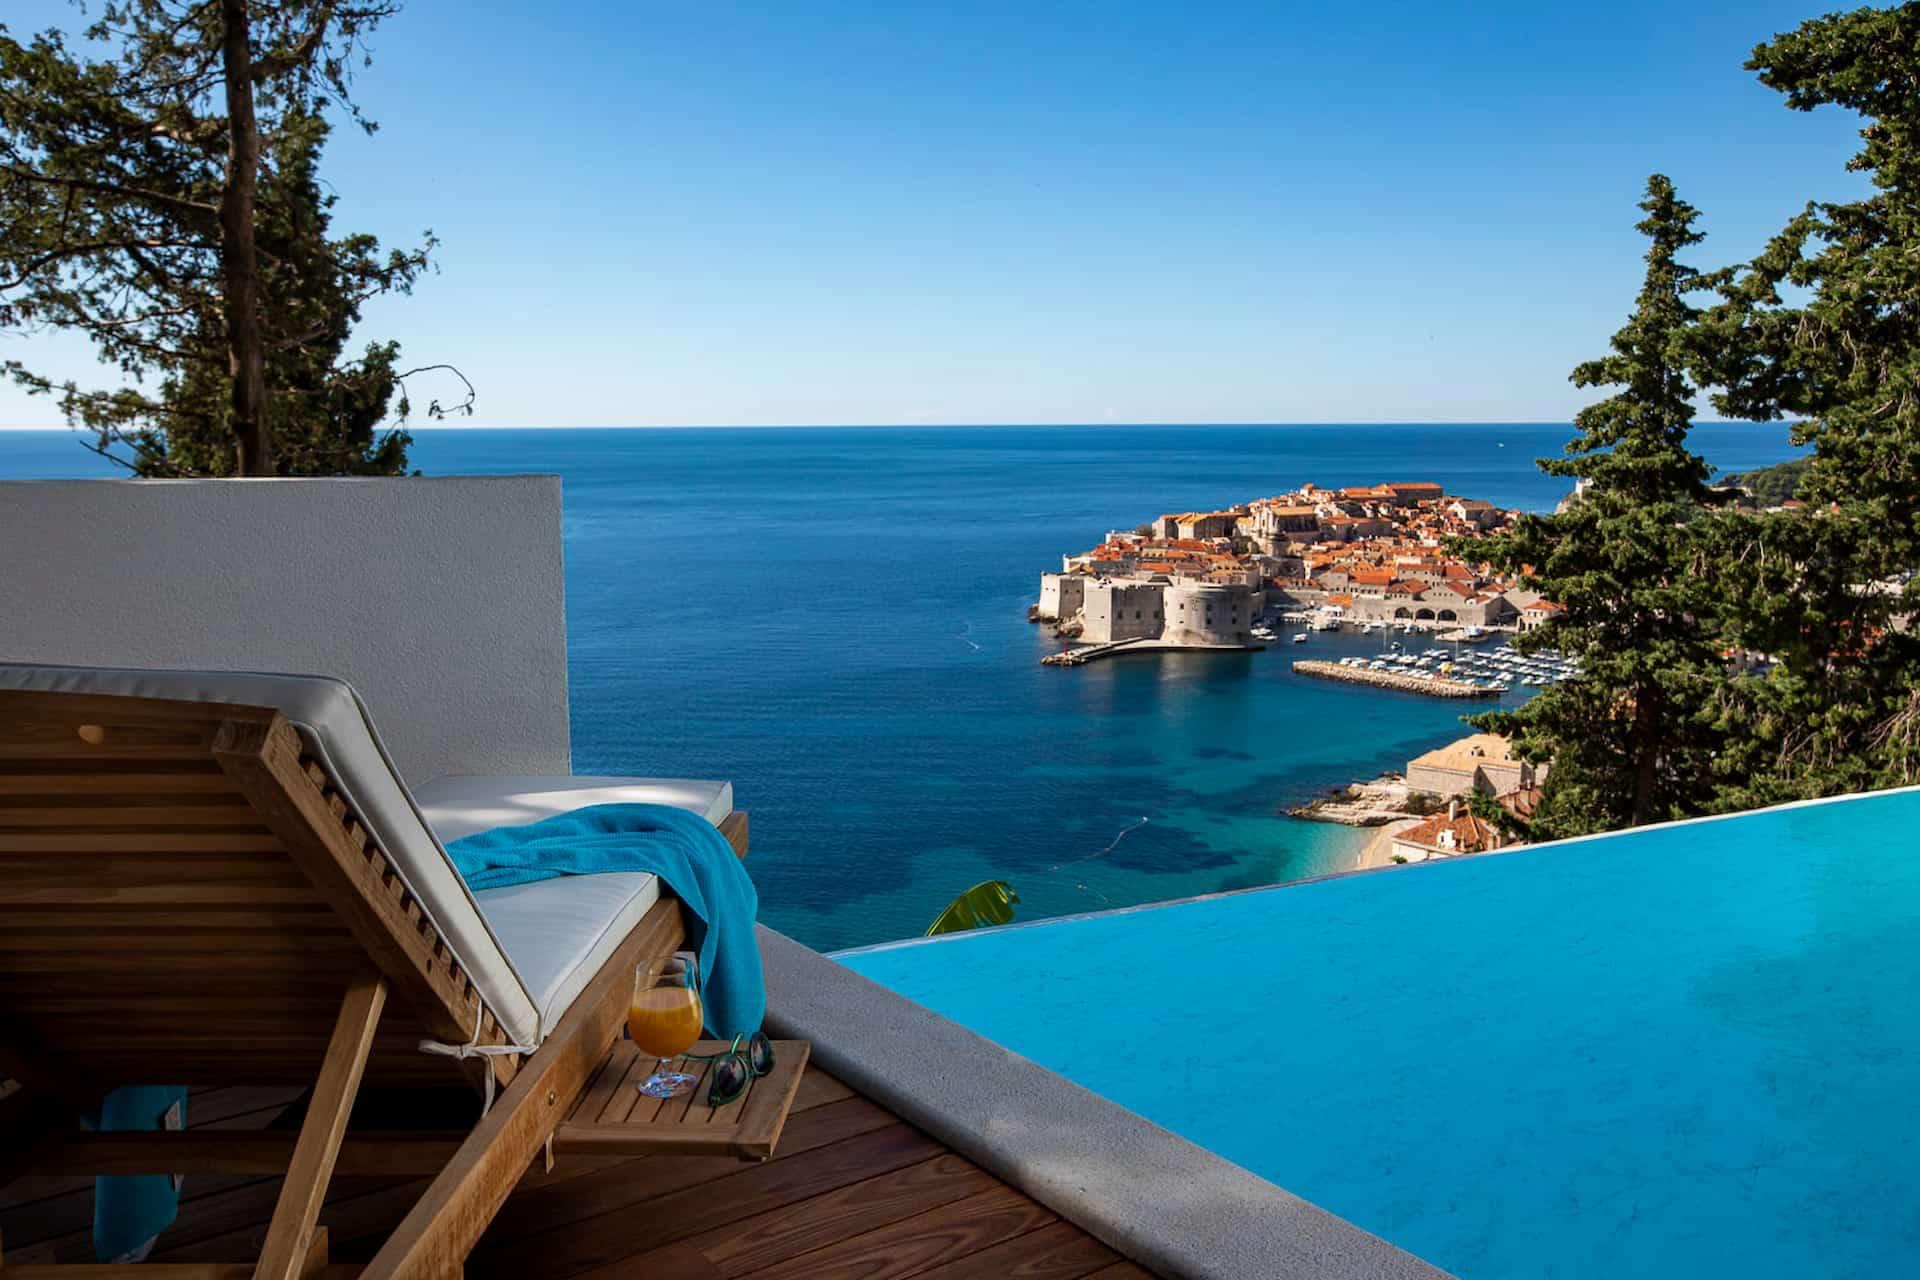 Čarobna vila s bazenom i pogledom na more